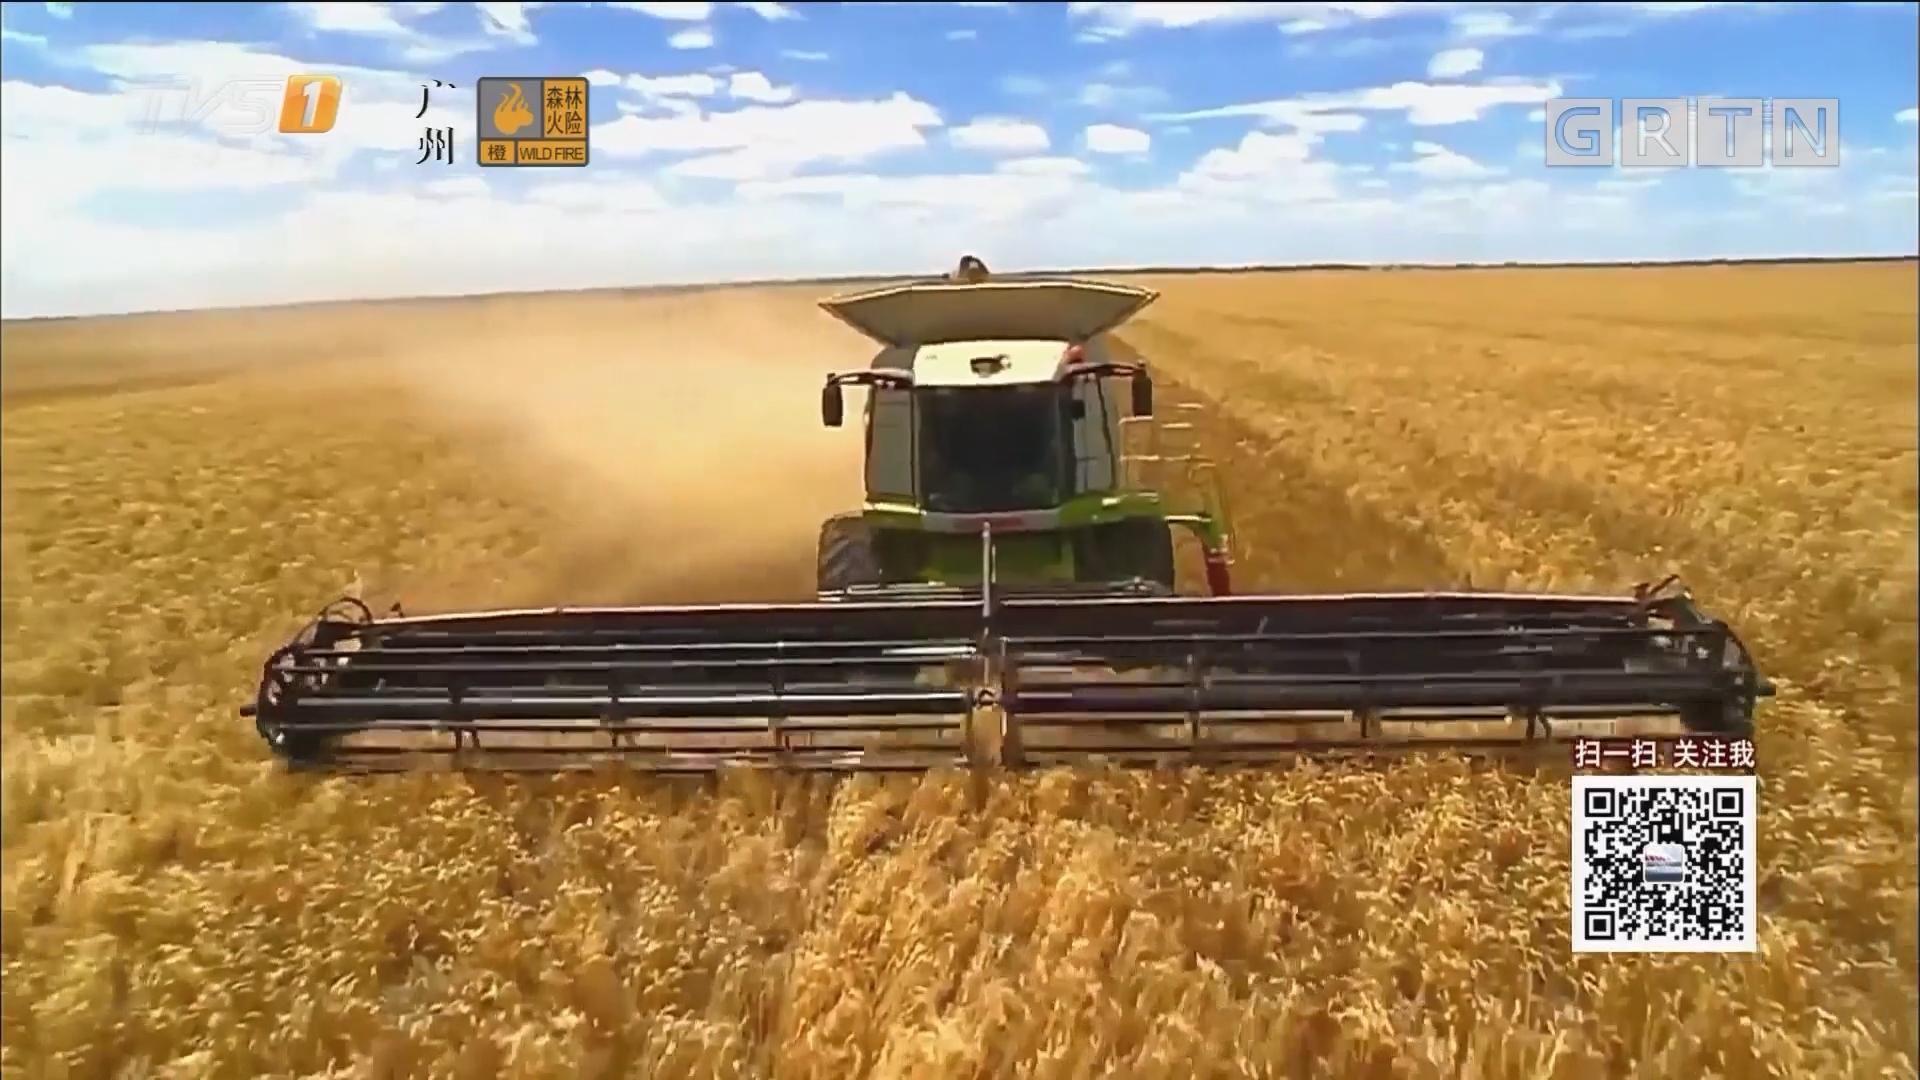 从大豆到CPI:对美大豆加关税 对国内影响有限